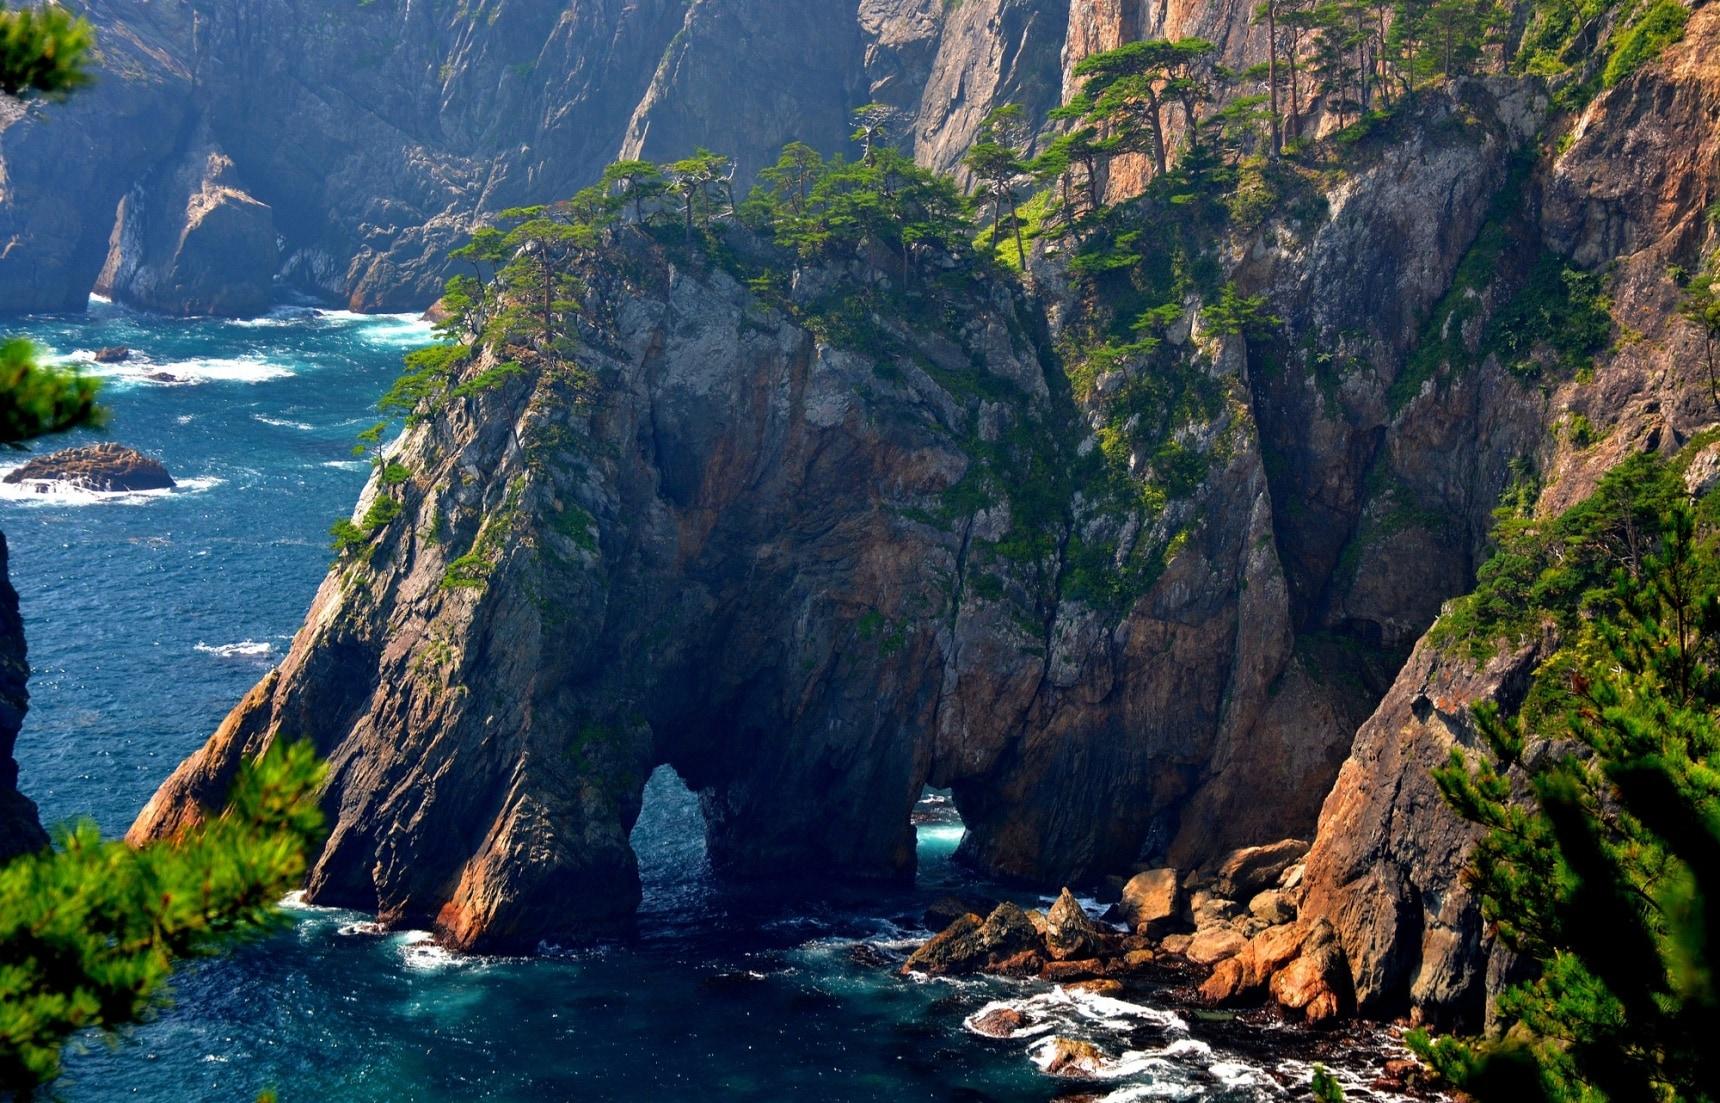 10 ที่เที่ยวแนวชายฝั่งทะเลสุดสวยในญี่ปุ่น